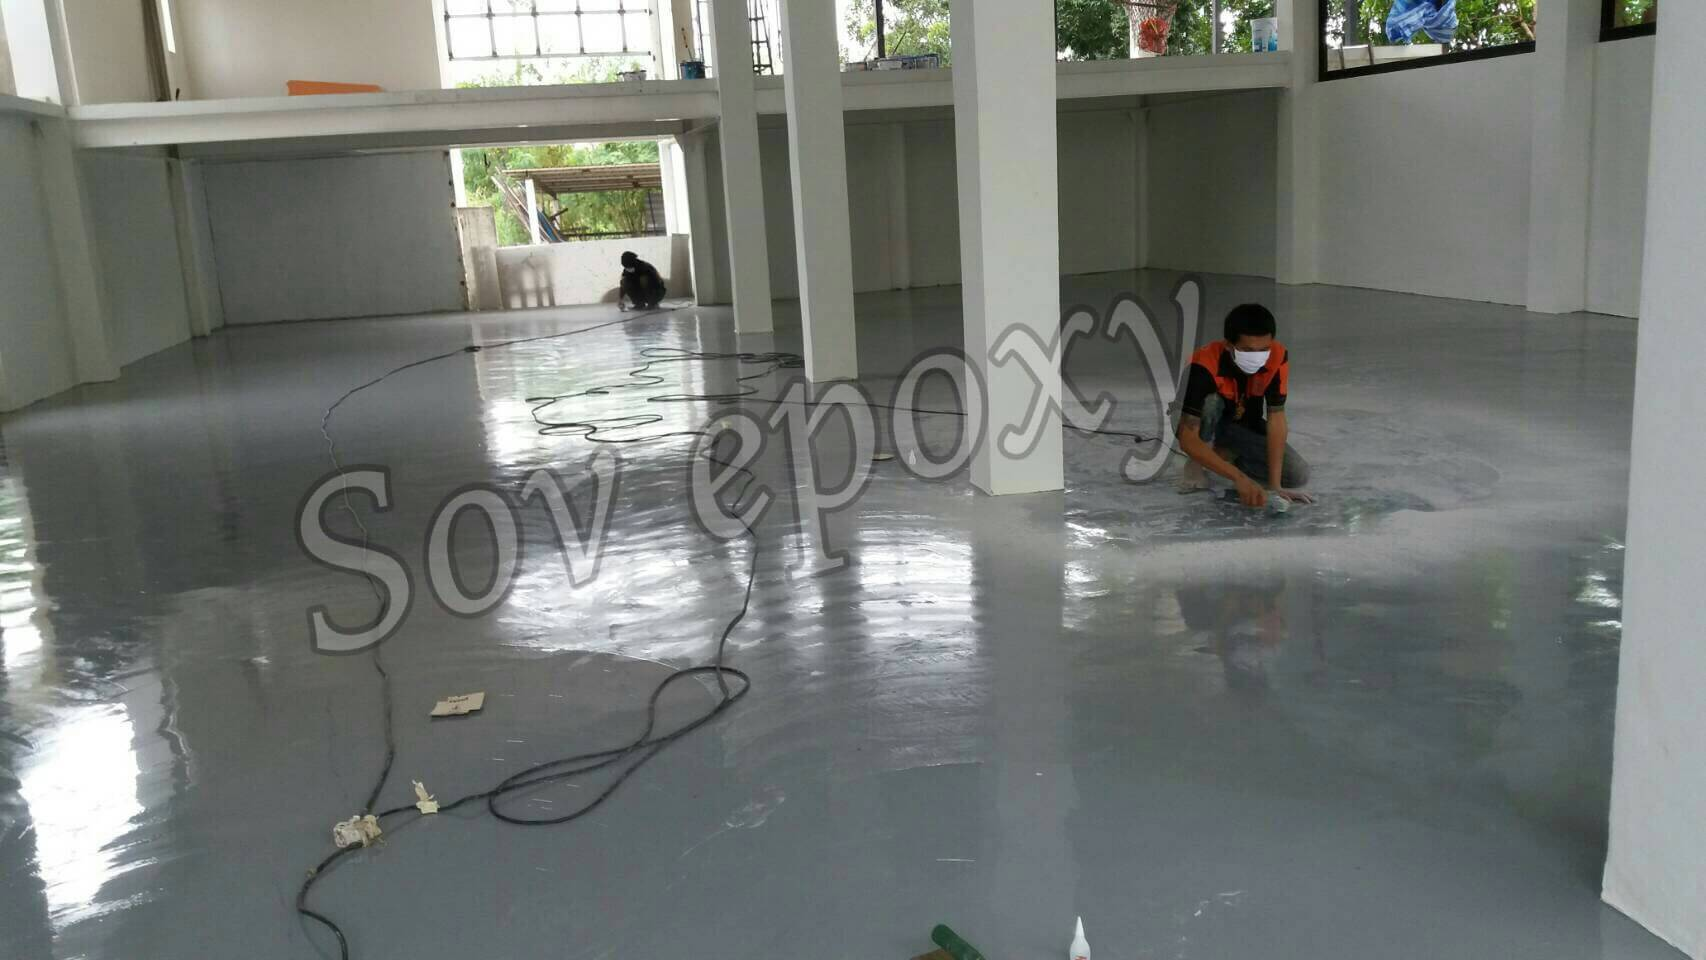 โครงการ โรงงานเก็บสินค้าอิเล็คทรอนิคส์ จ.ลพบุรี 12